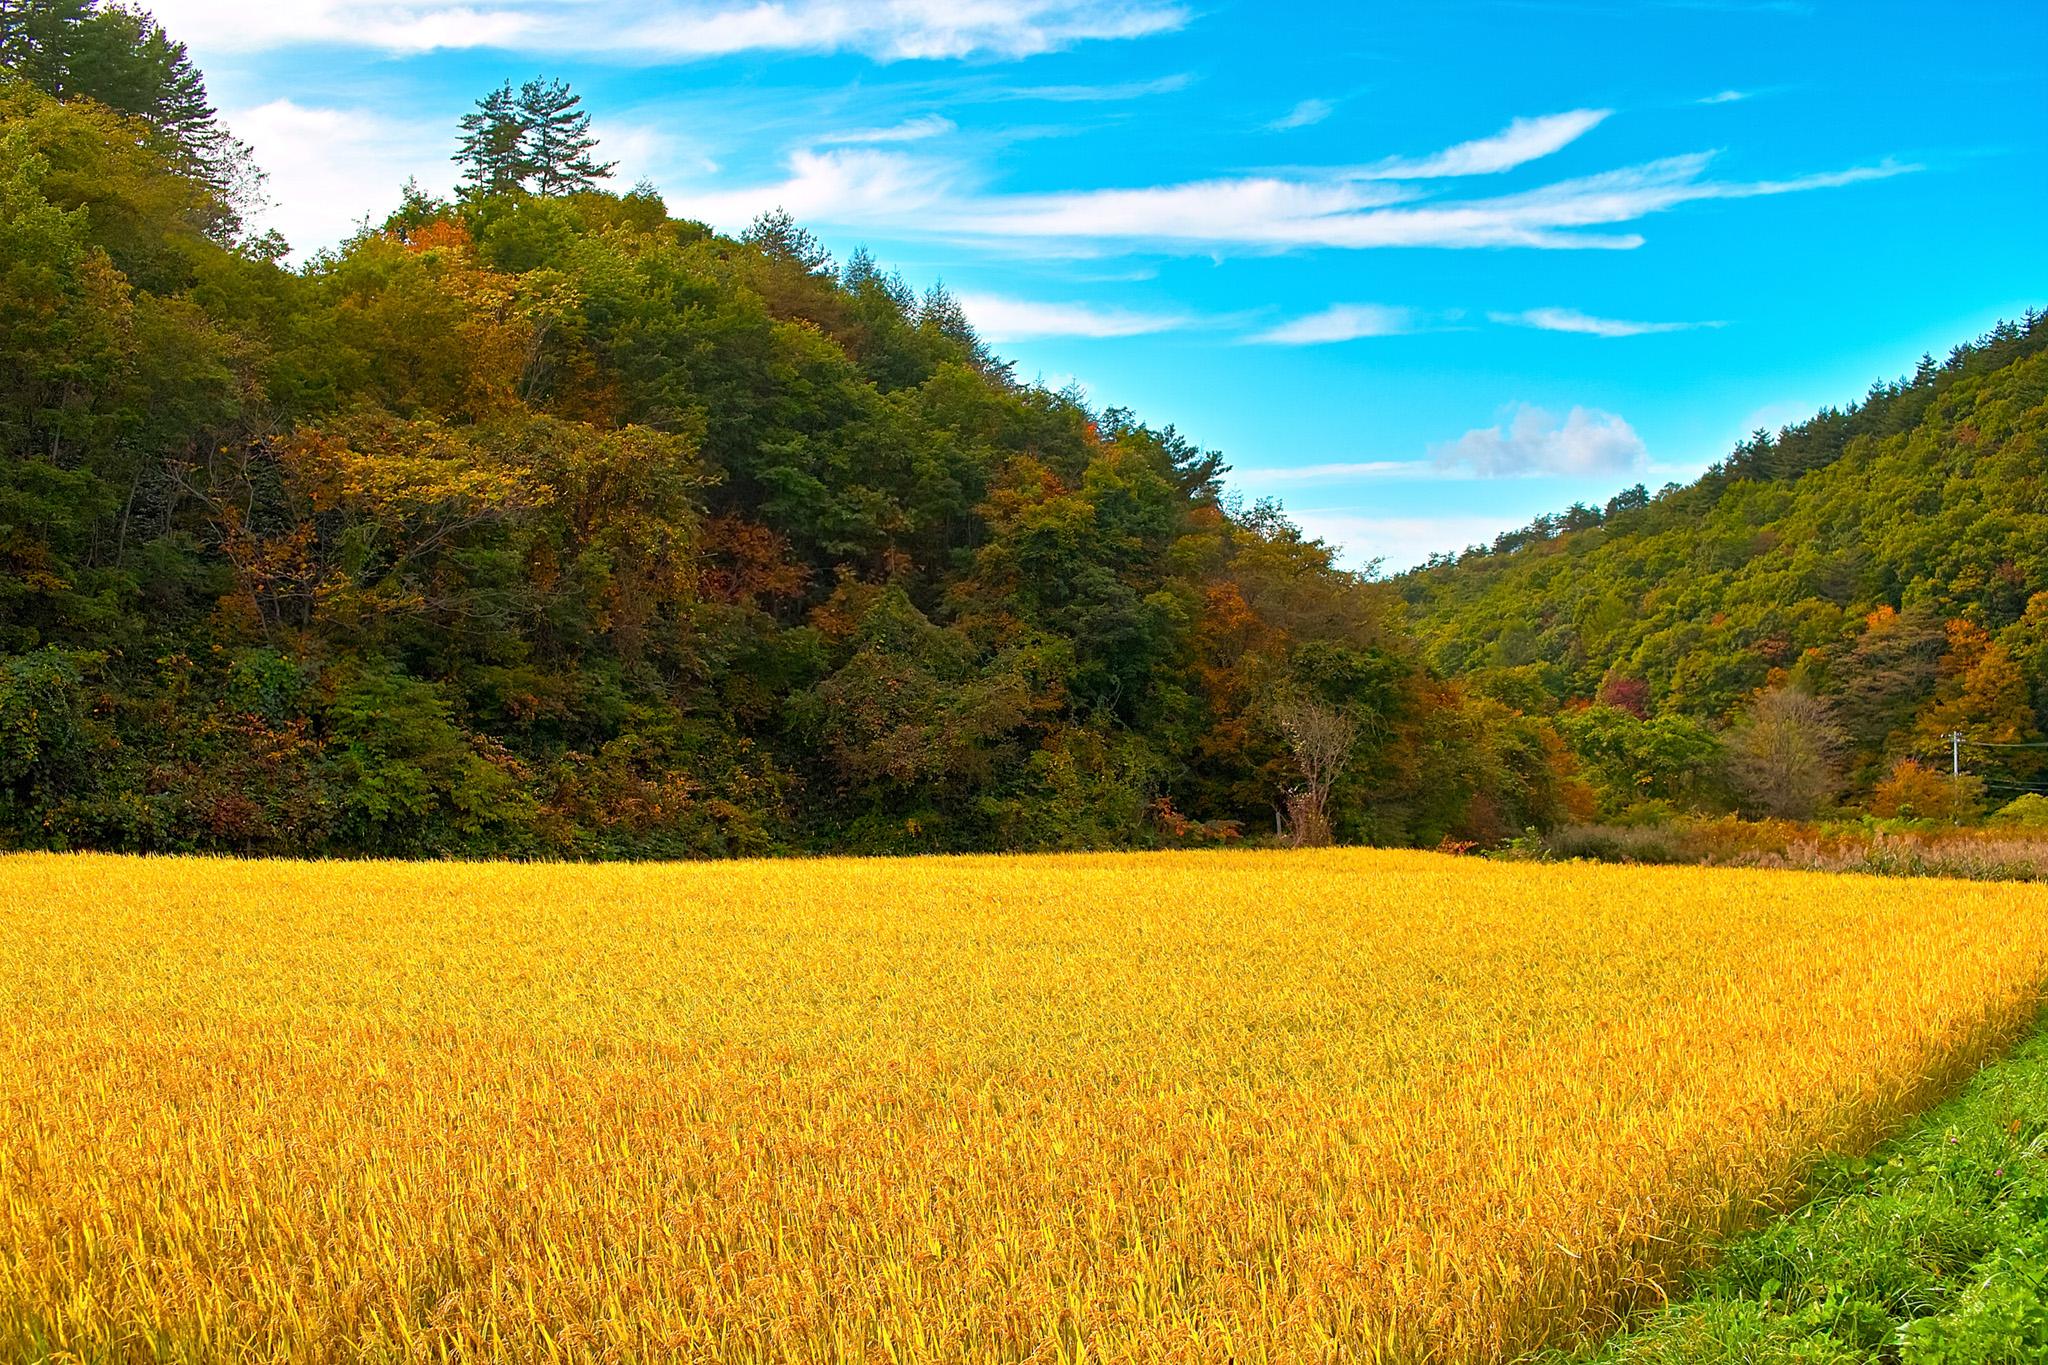 「稲が実る秋の田園」のテクスチャを無料ダウンロード